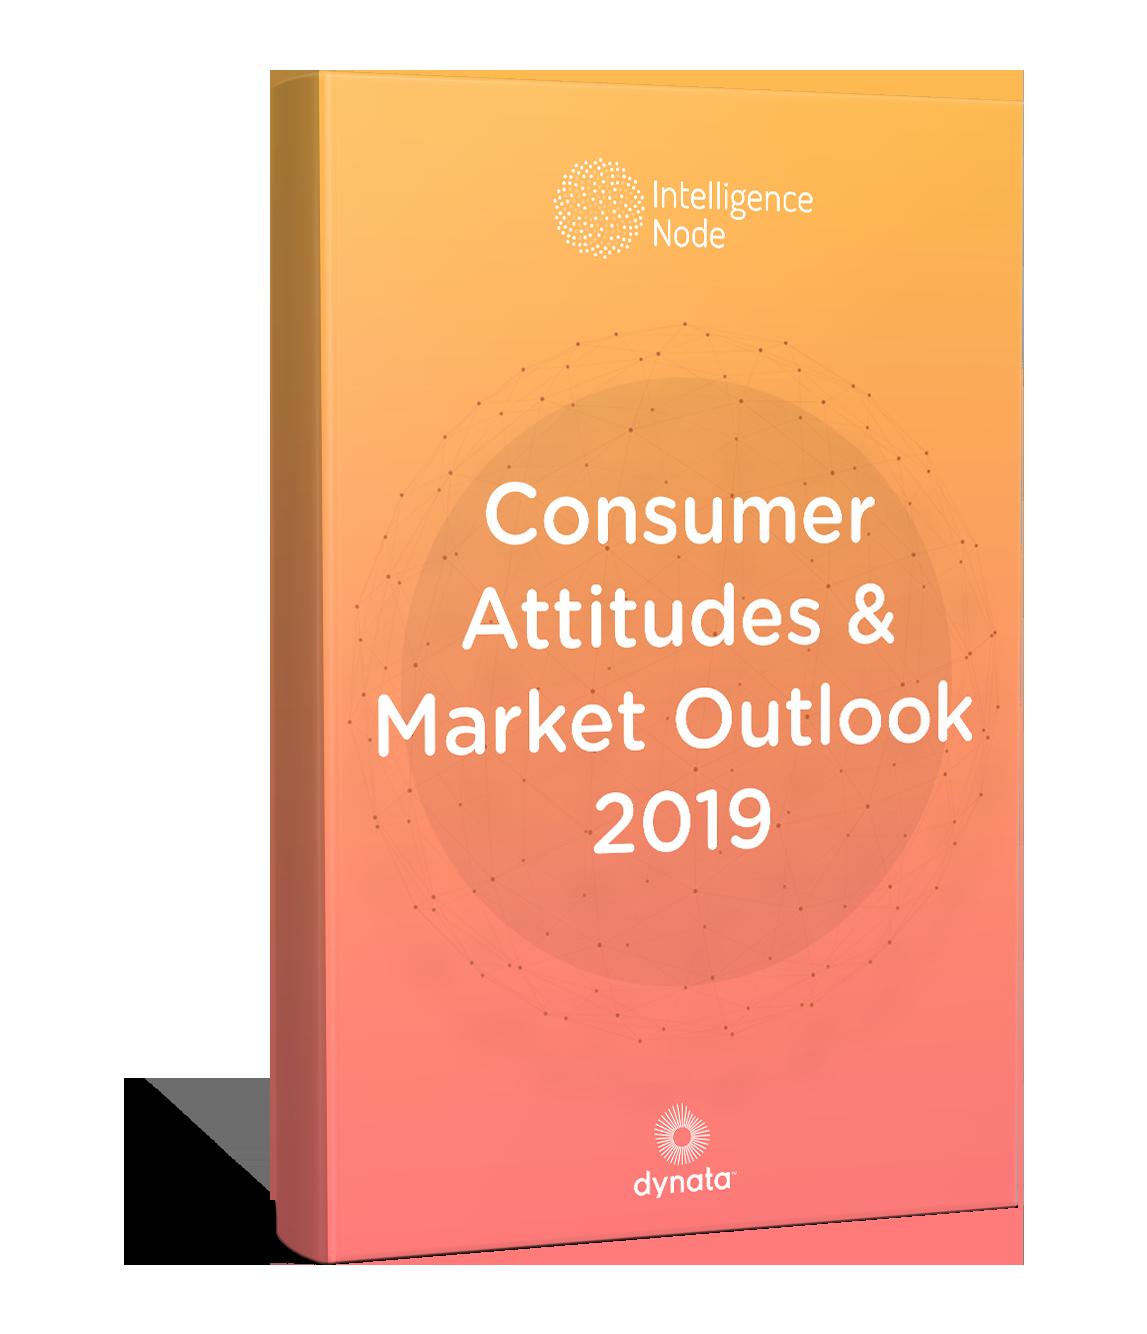 Consumer Attitude & Market Outlook 2019